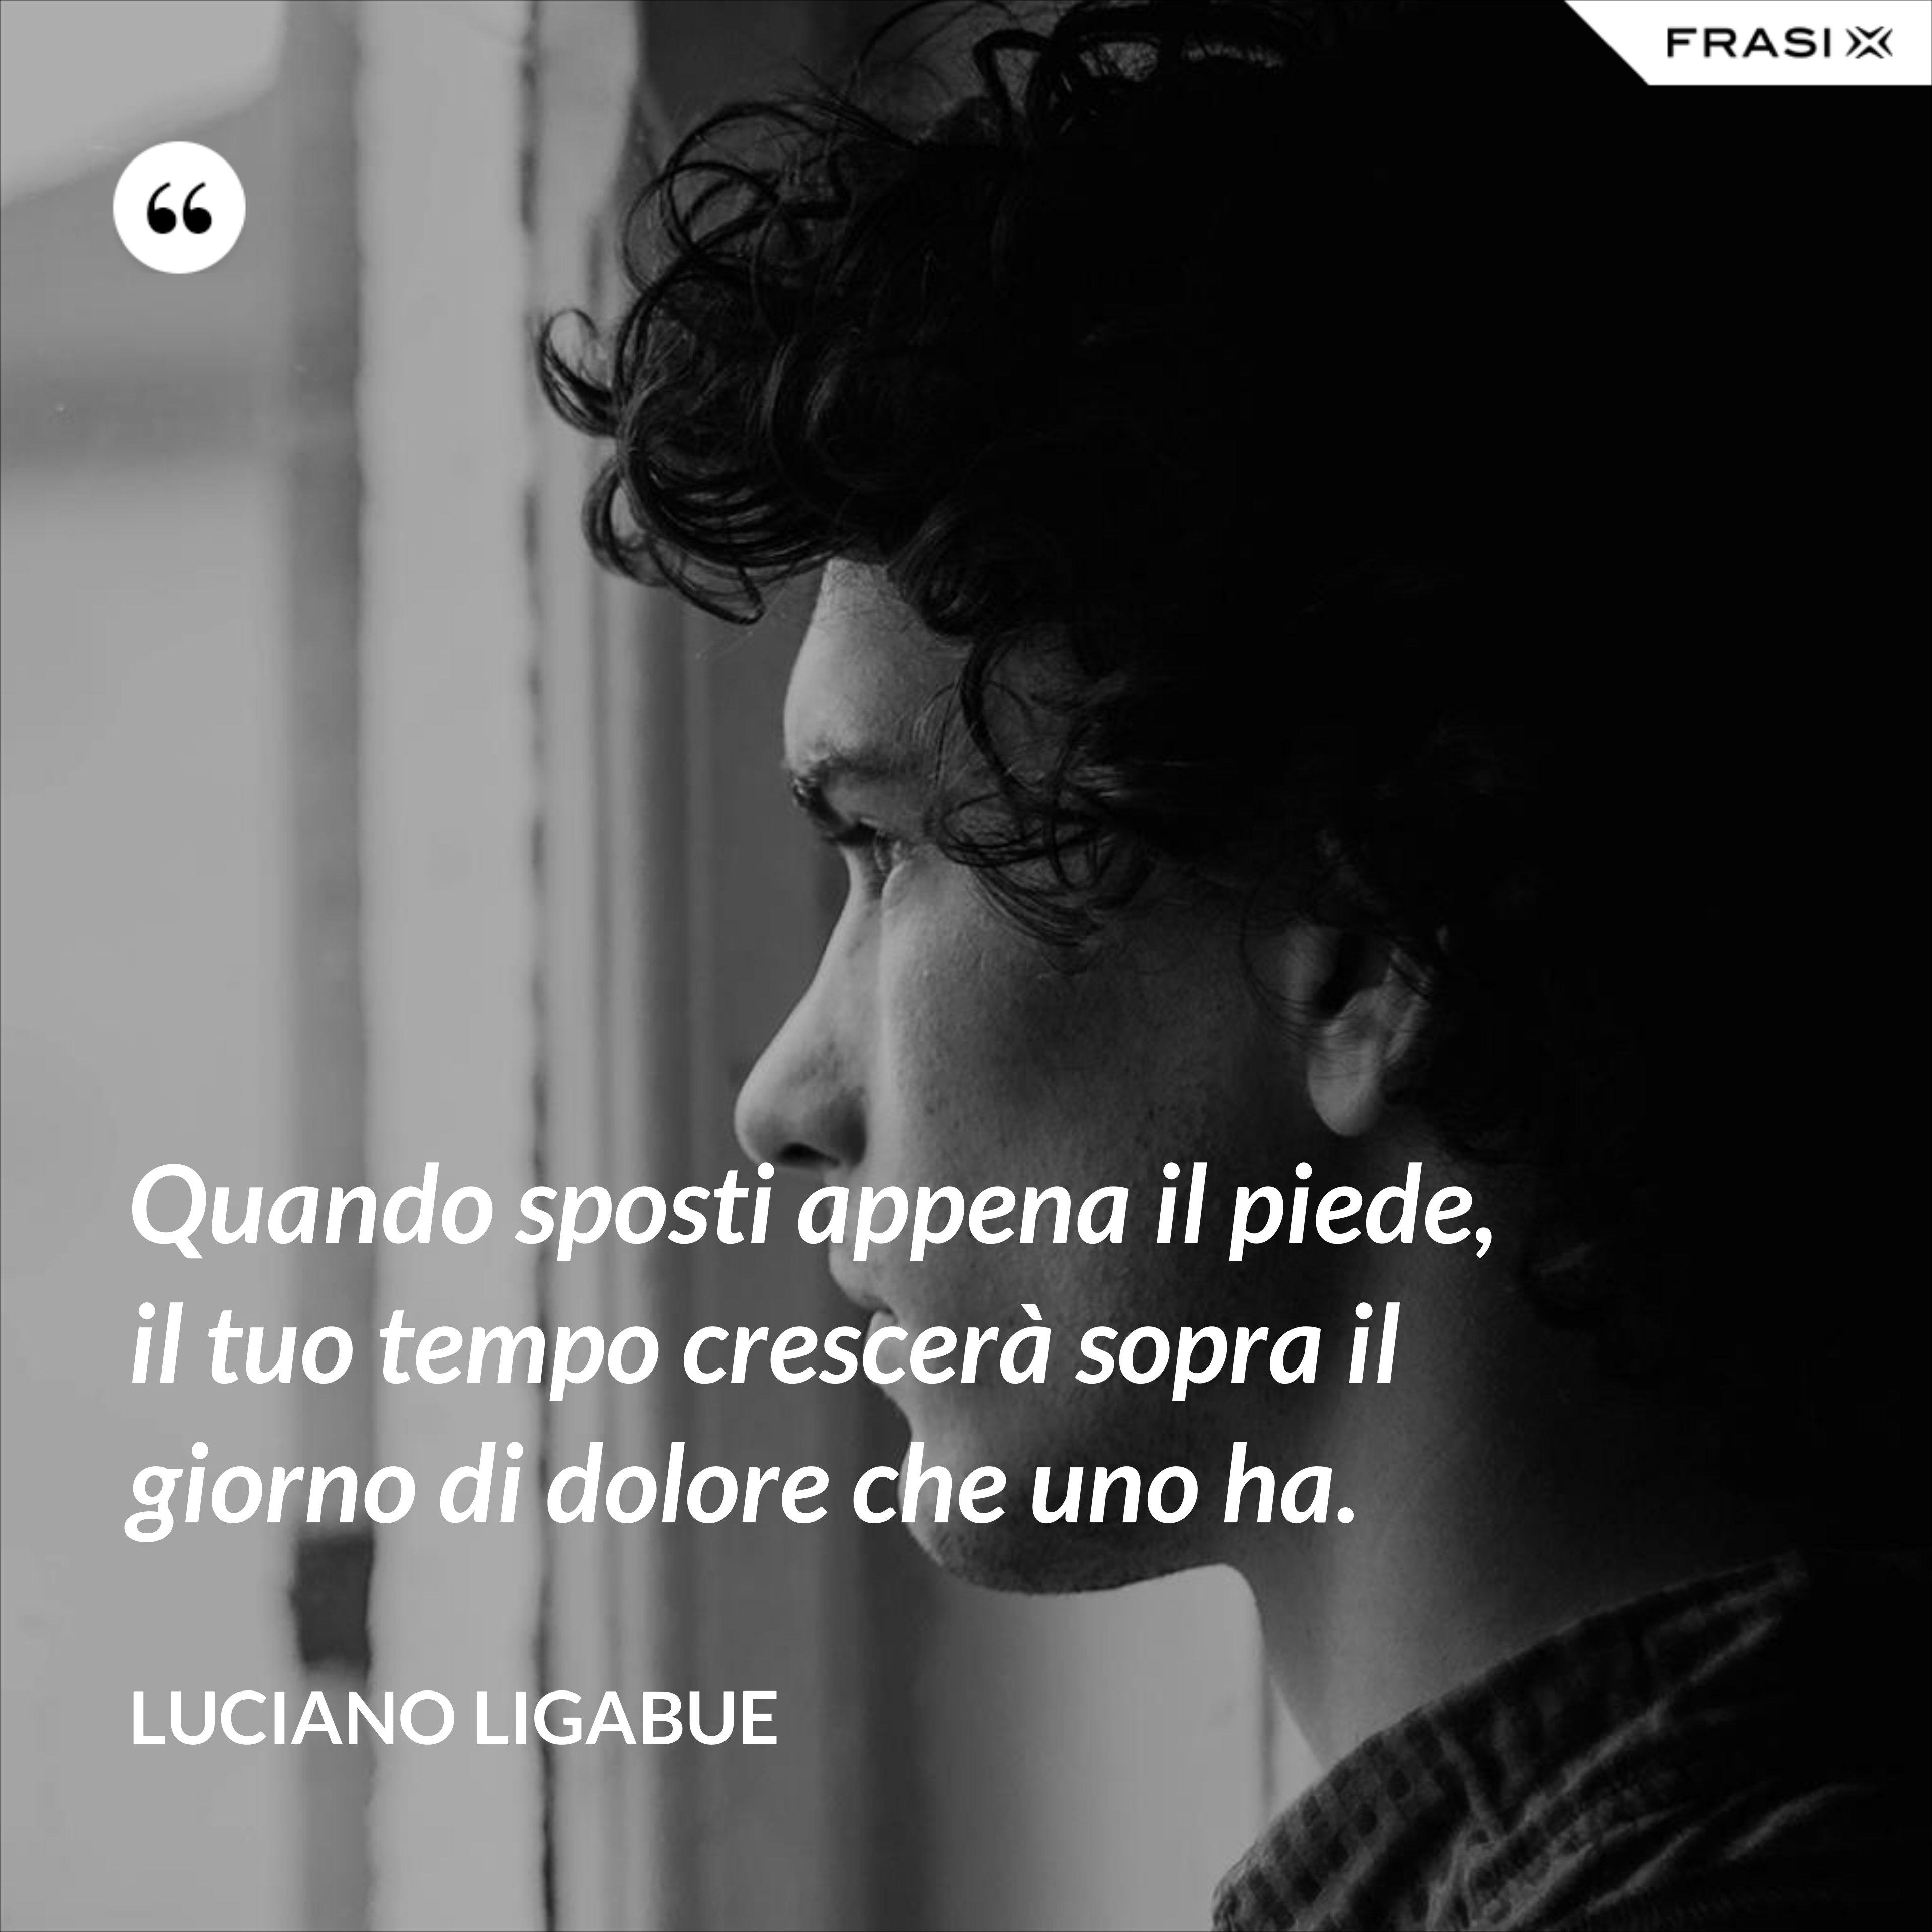 Quando sposti appena il piede, il tuo tempo crescerà sopra il giorno di dolore che uno ha. - Luciano Ligabue